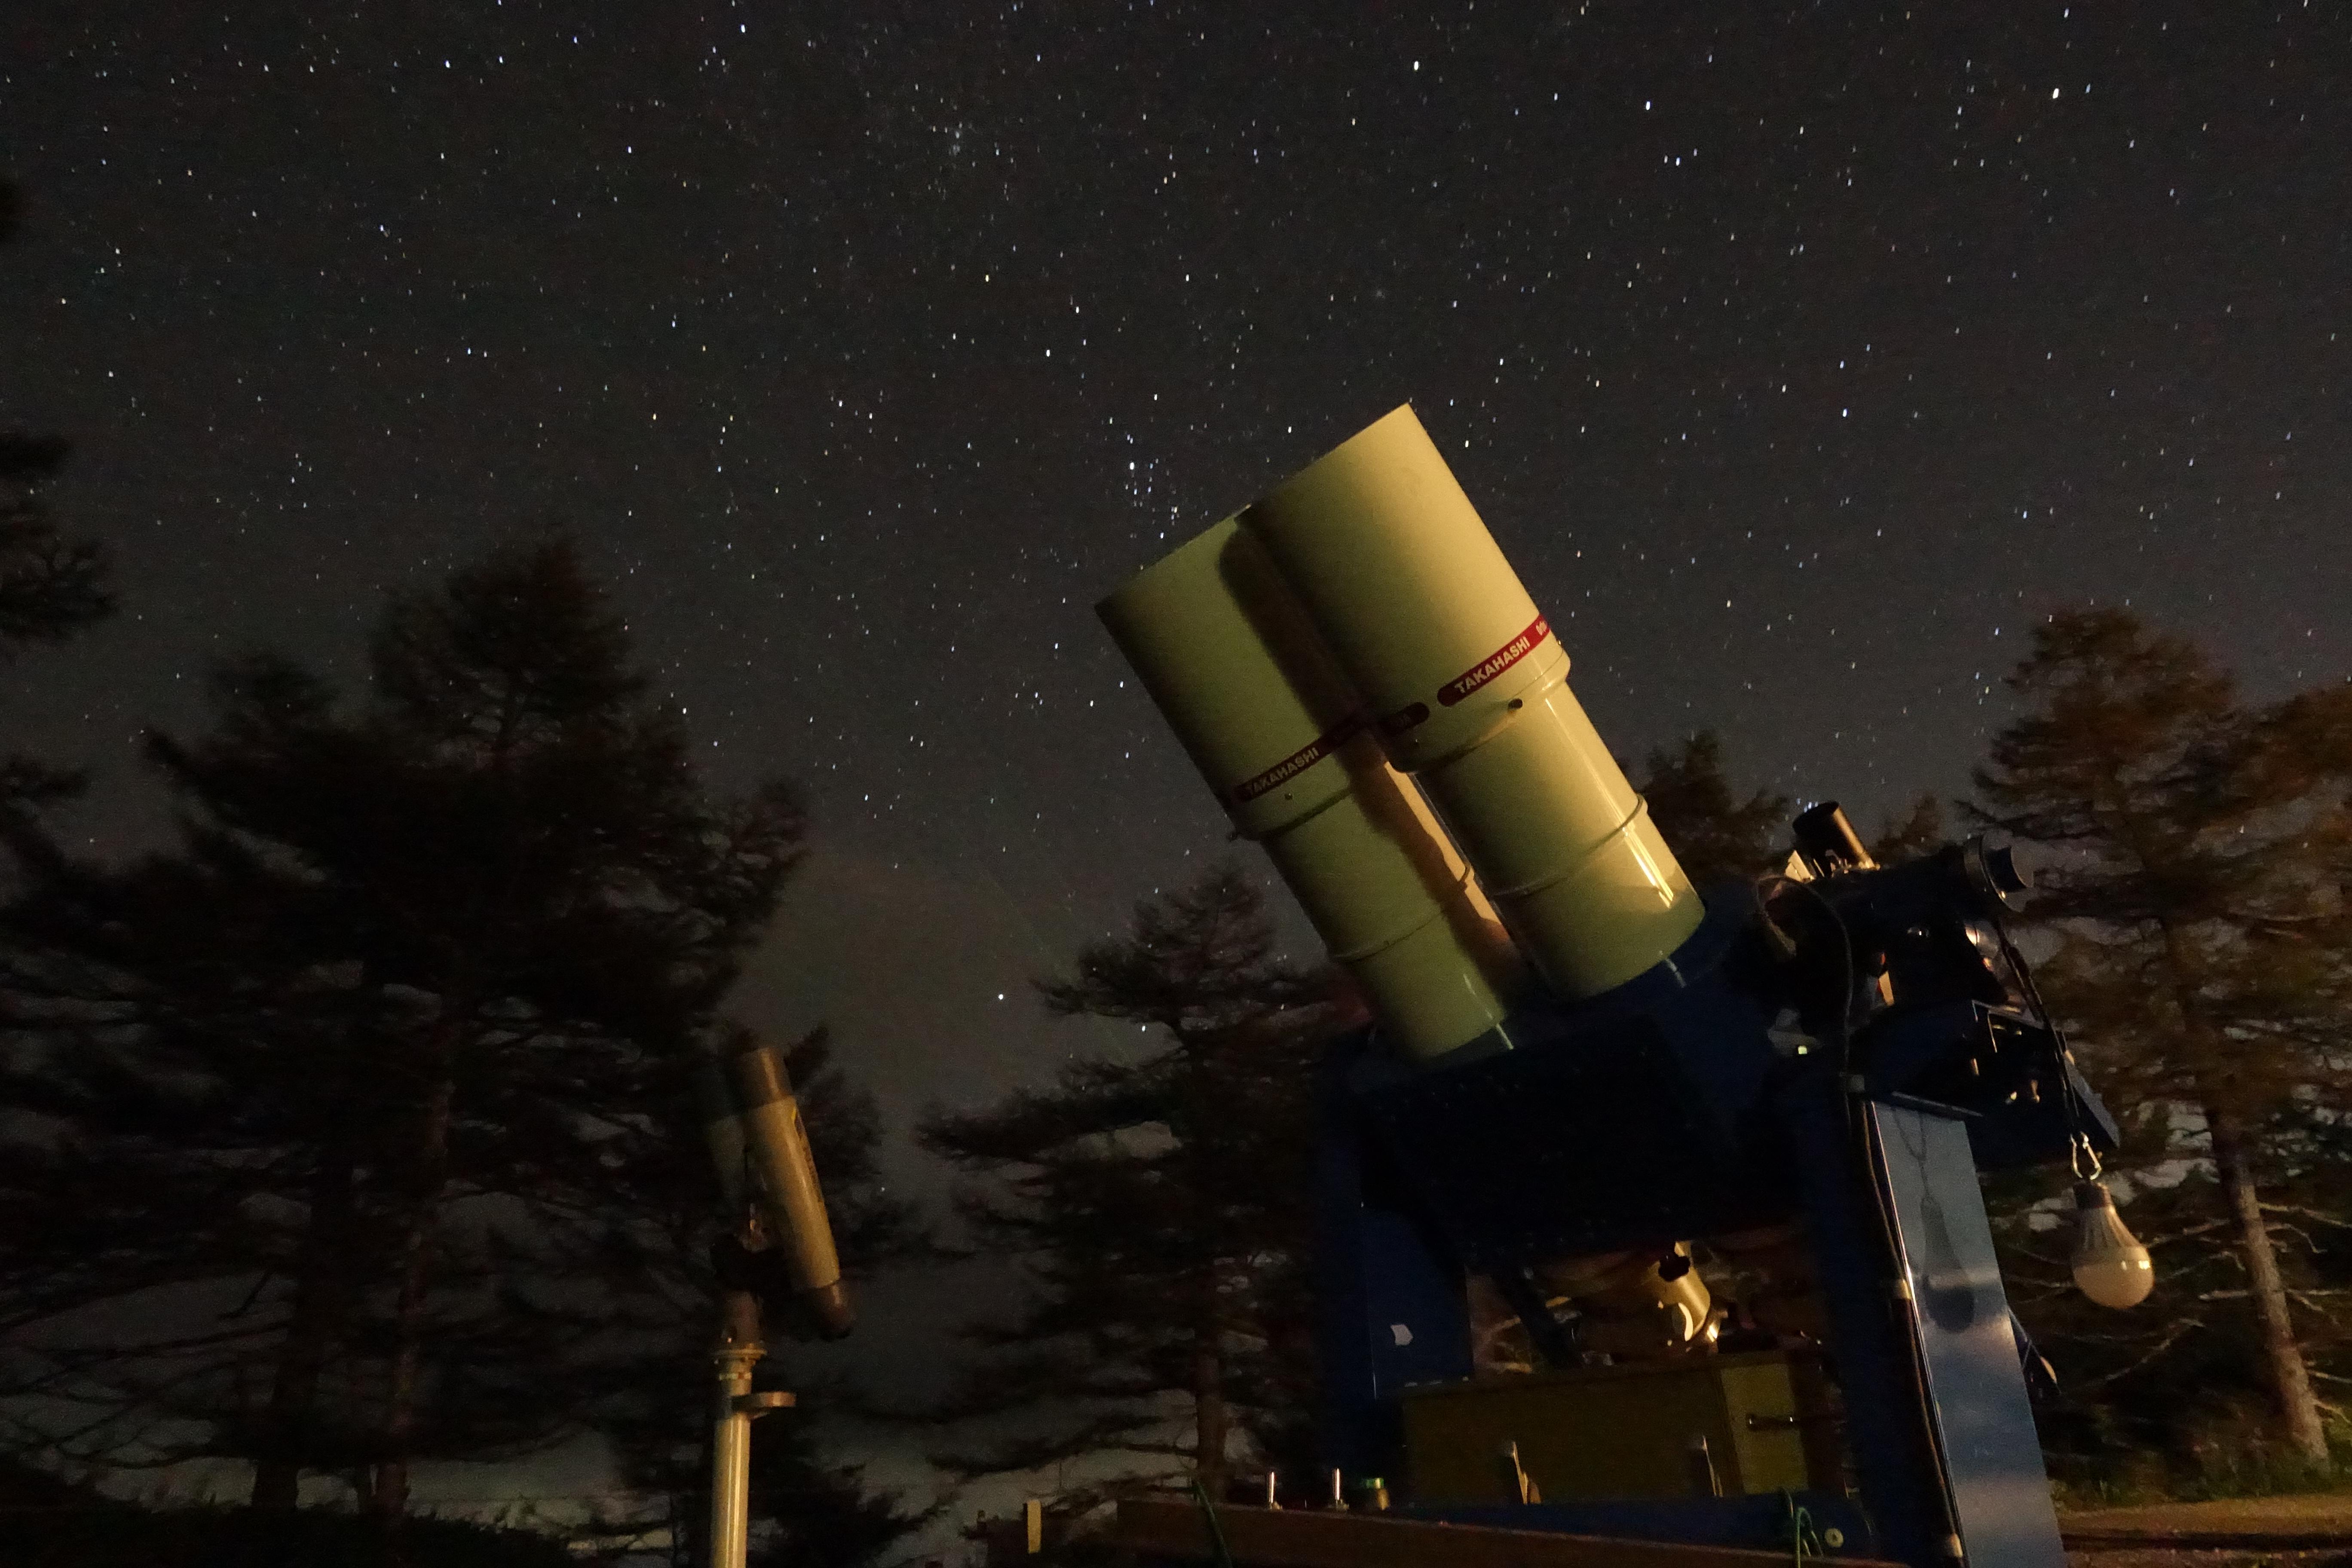 星と望遠鏡 野天風呂月 120